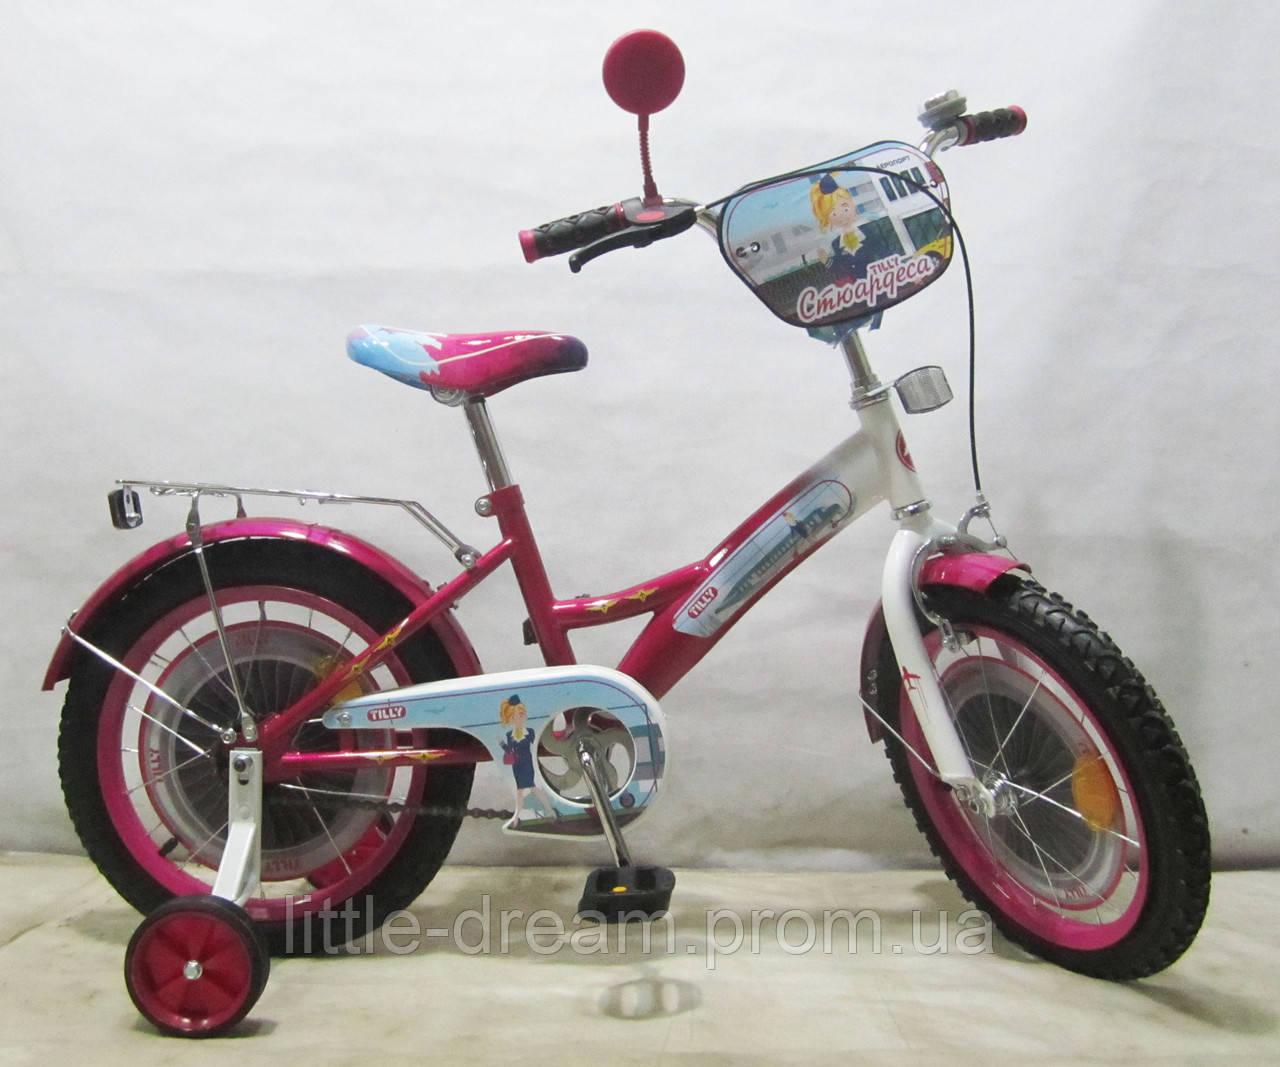 Велосипед TILLY Стюардеса 16'' T-21626 dark crimson + white